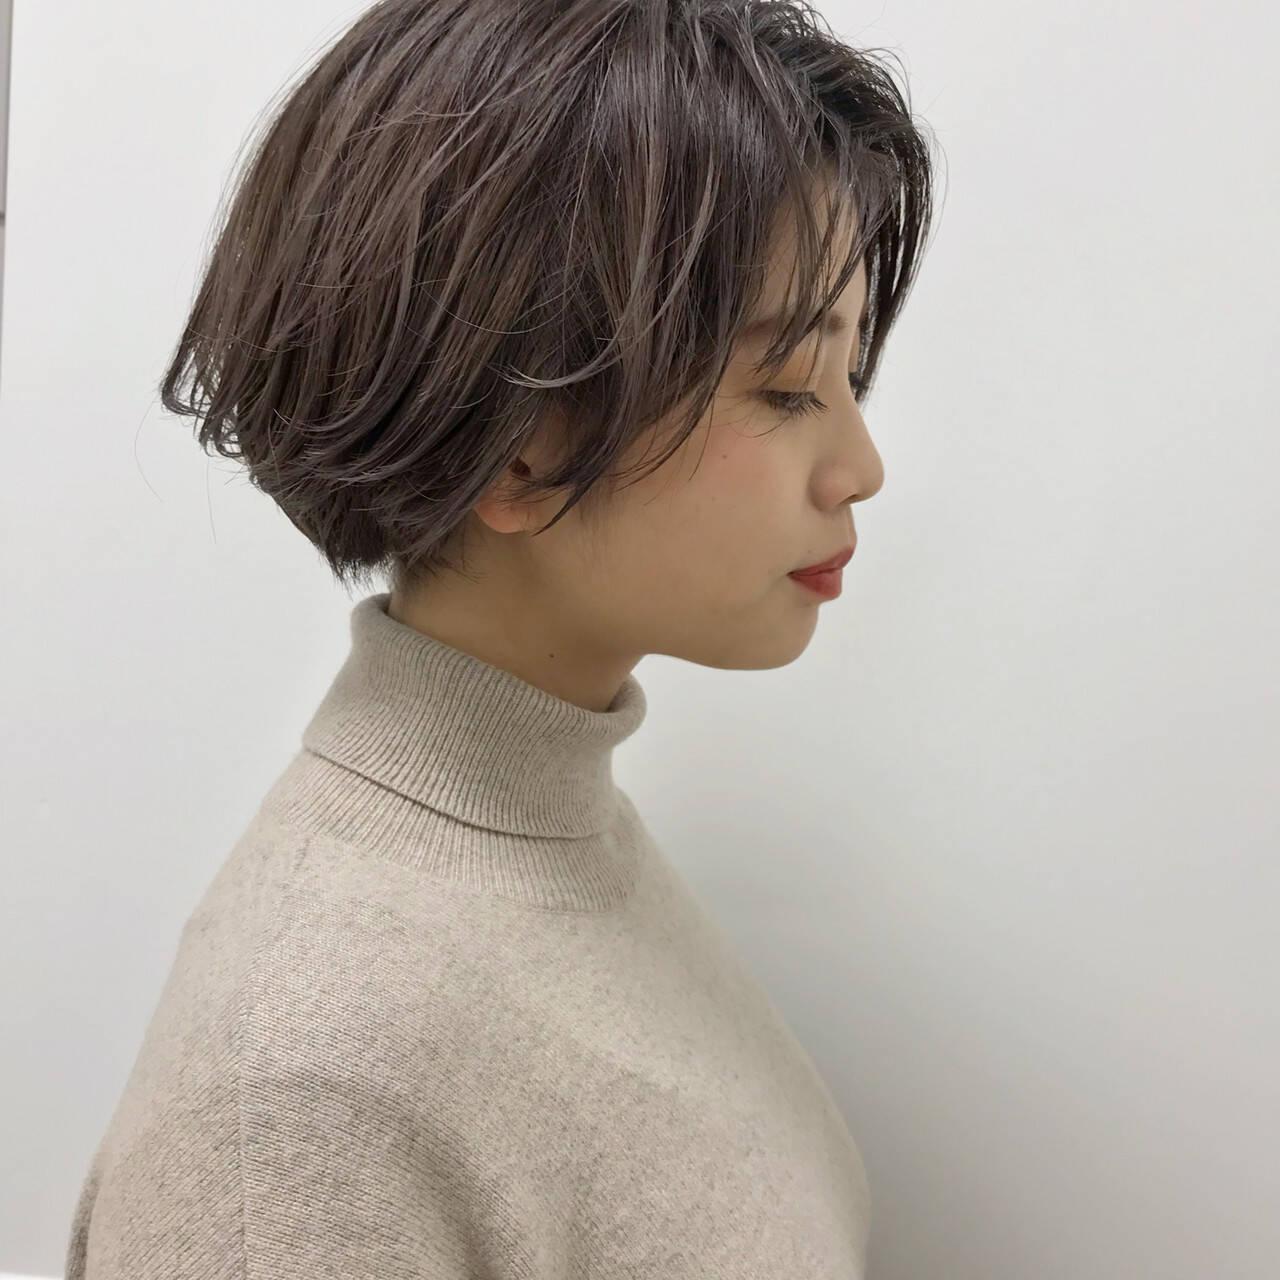 グレージュ ナチュラル 福岡市 ショートヘアスタイルや髪型の写真・画像